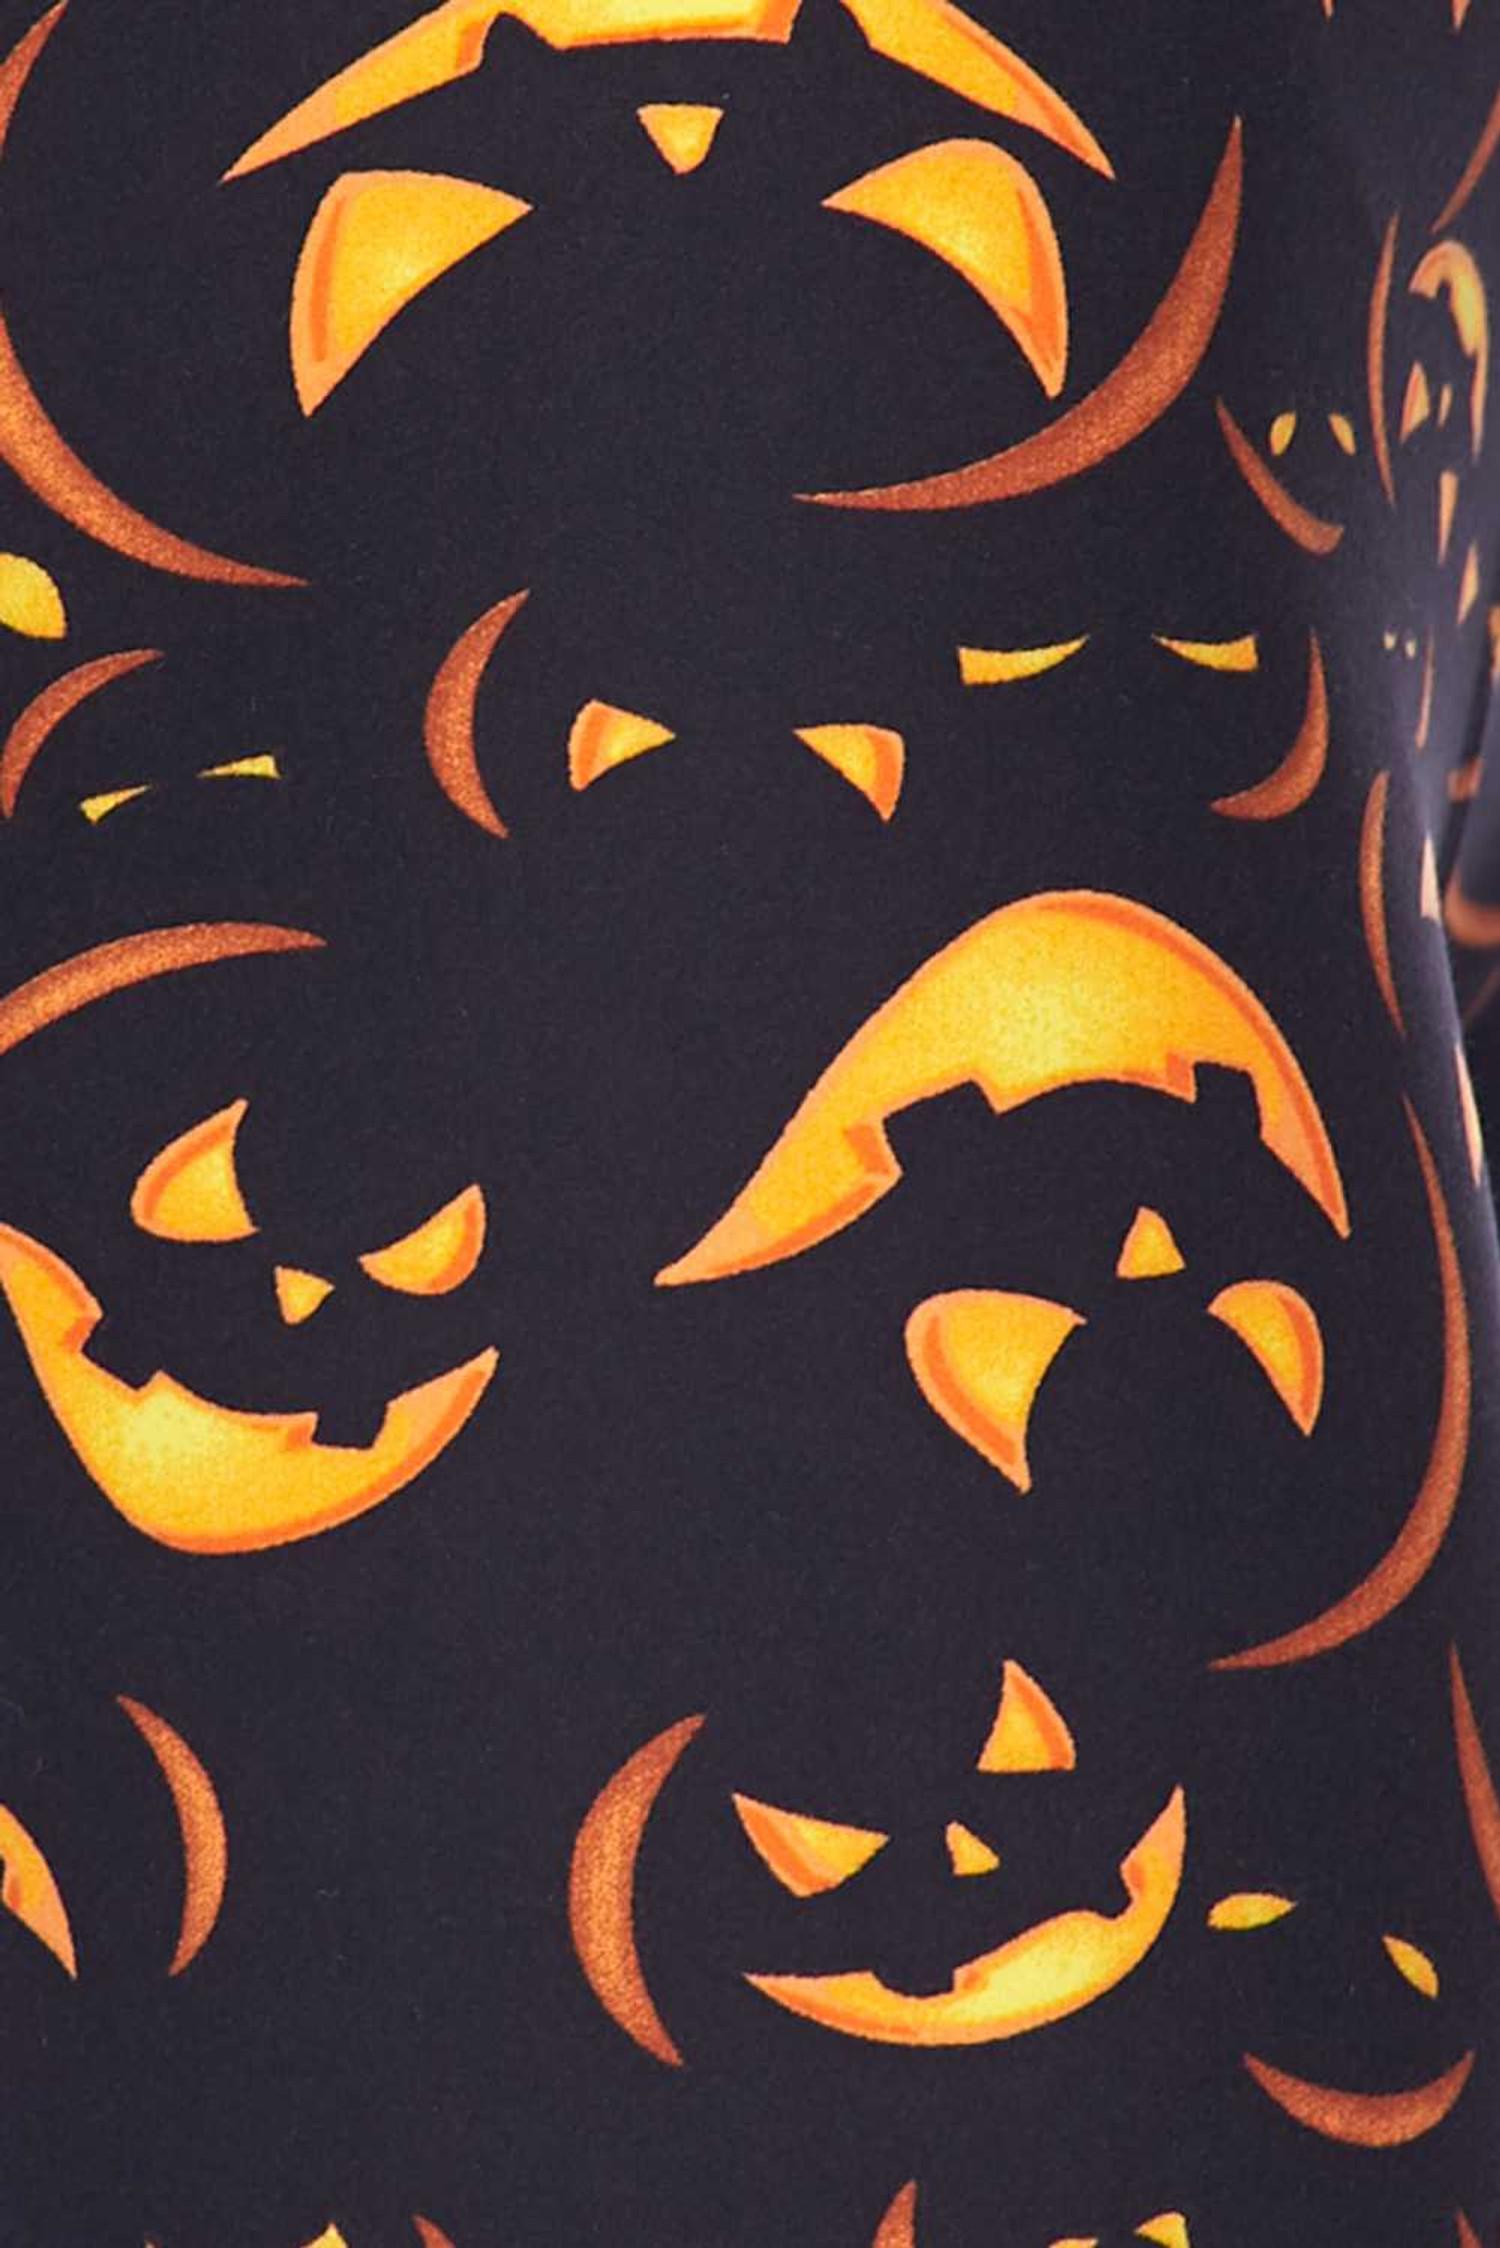 Soft Brushed Evil Halloween Pumpkins Leggings